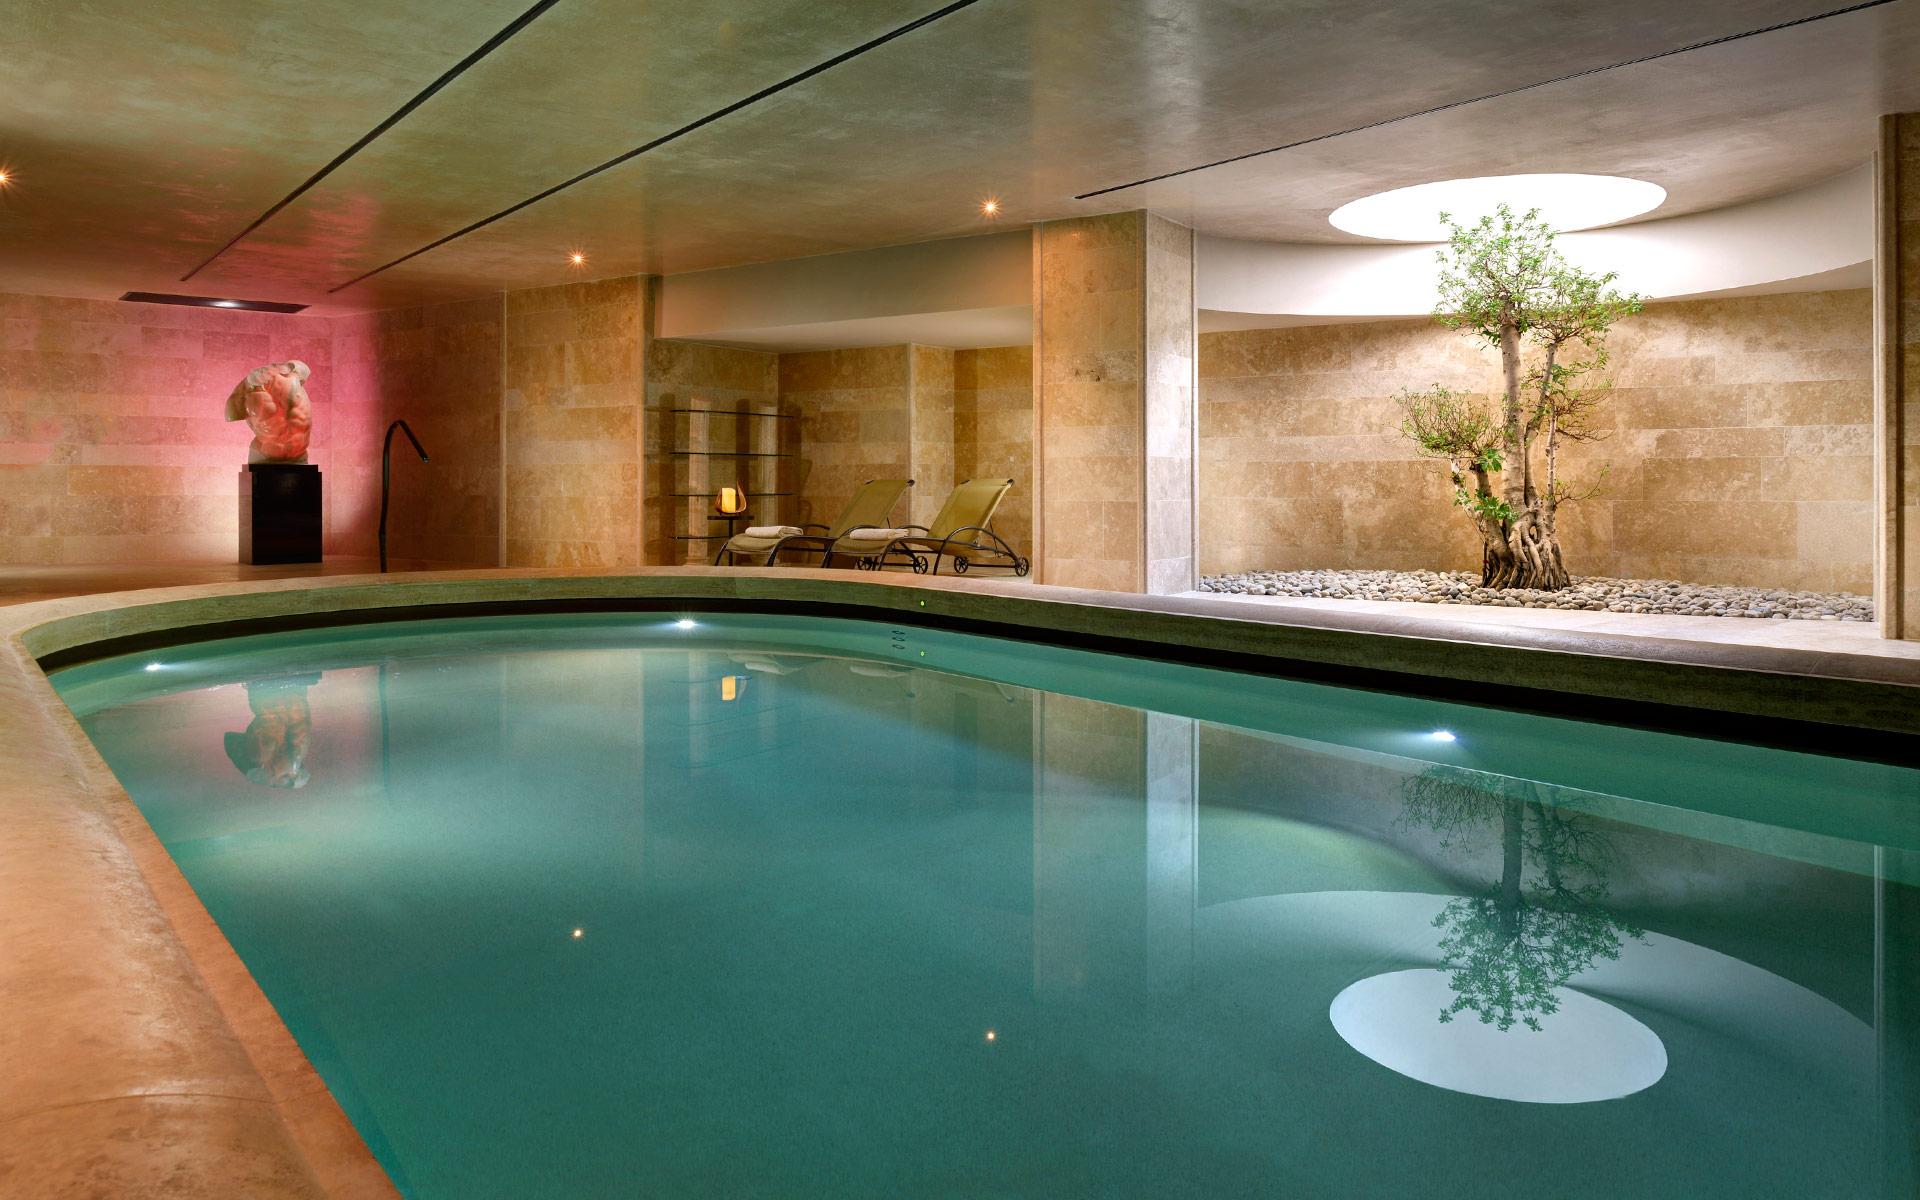 AROMA_Wellness-and-Spa_Pool